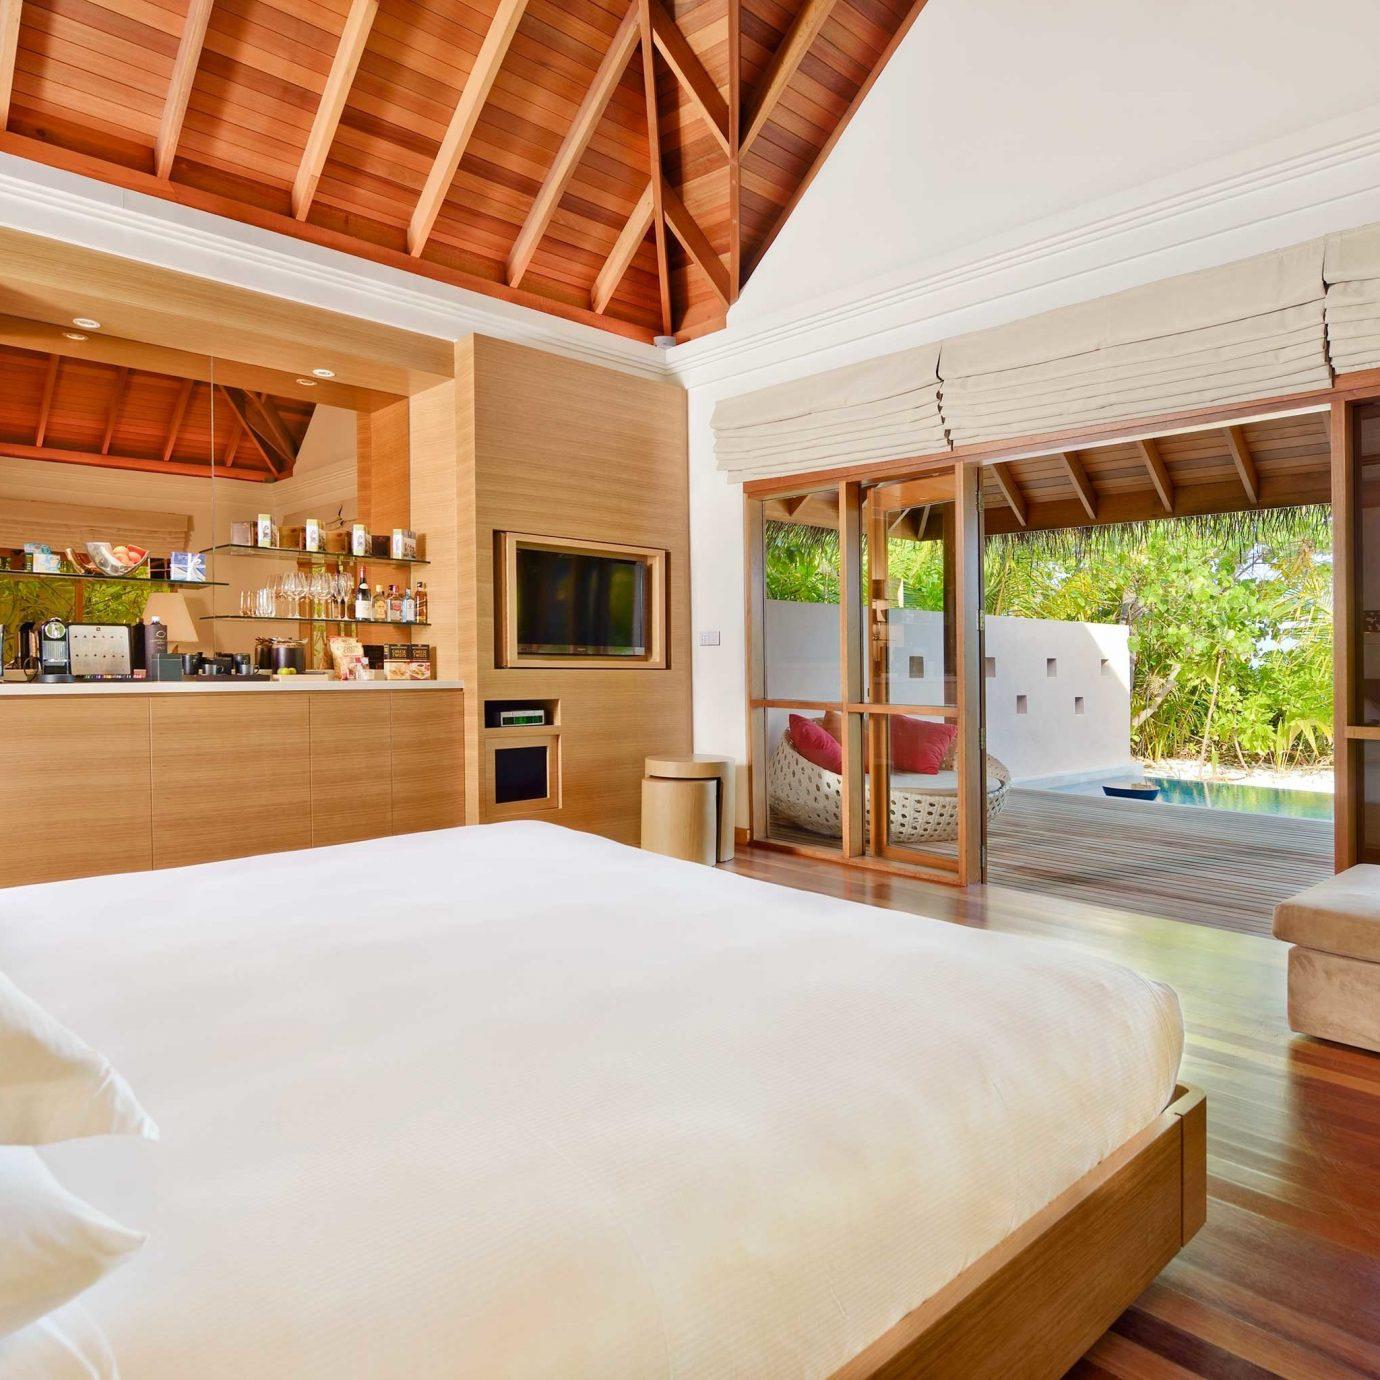 Bedroom Elegant Luxury Overwater Bungalow Scenic views Suite Villa property Resort home hardwood cottage